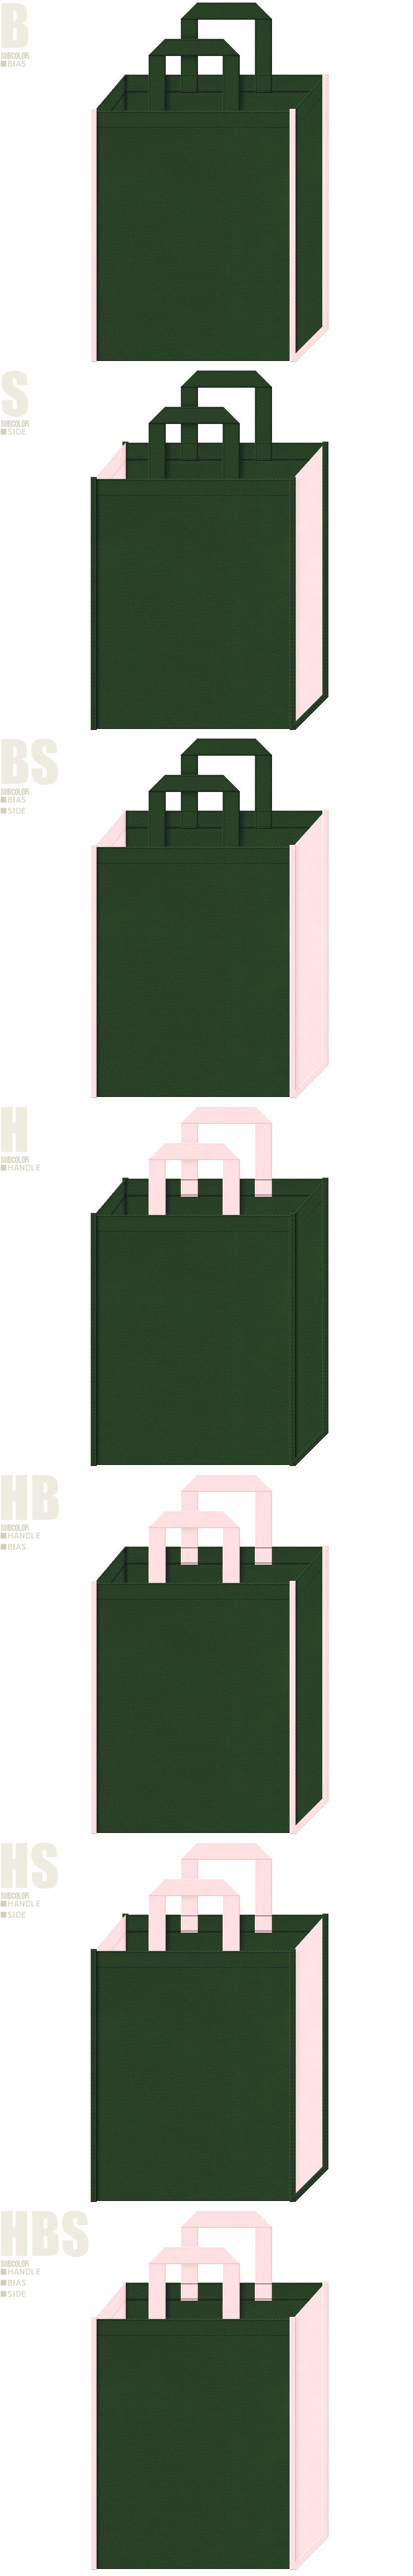 学校・教室・黒板・青春・卒業式・桜・メモリー・写真館・ゲーム・和風催事にお奨めの不織布バッグデザイン:濃緑色と桜色の配色7パターン